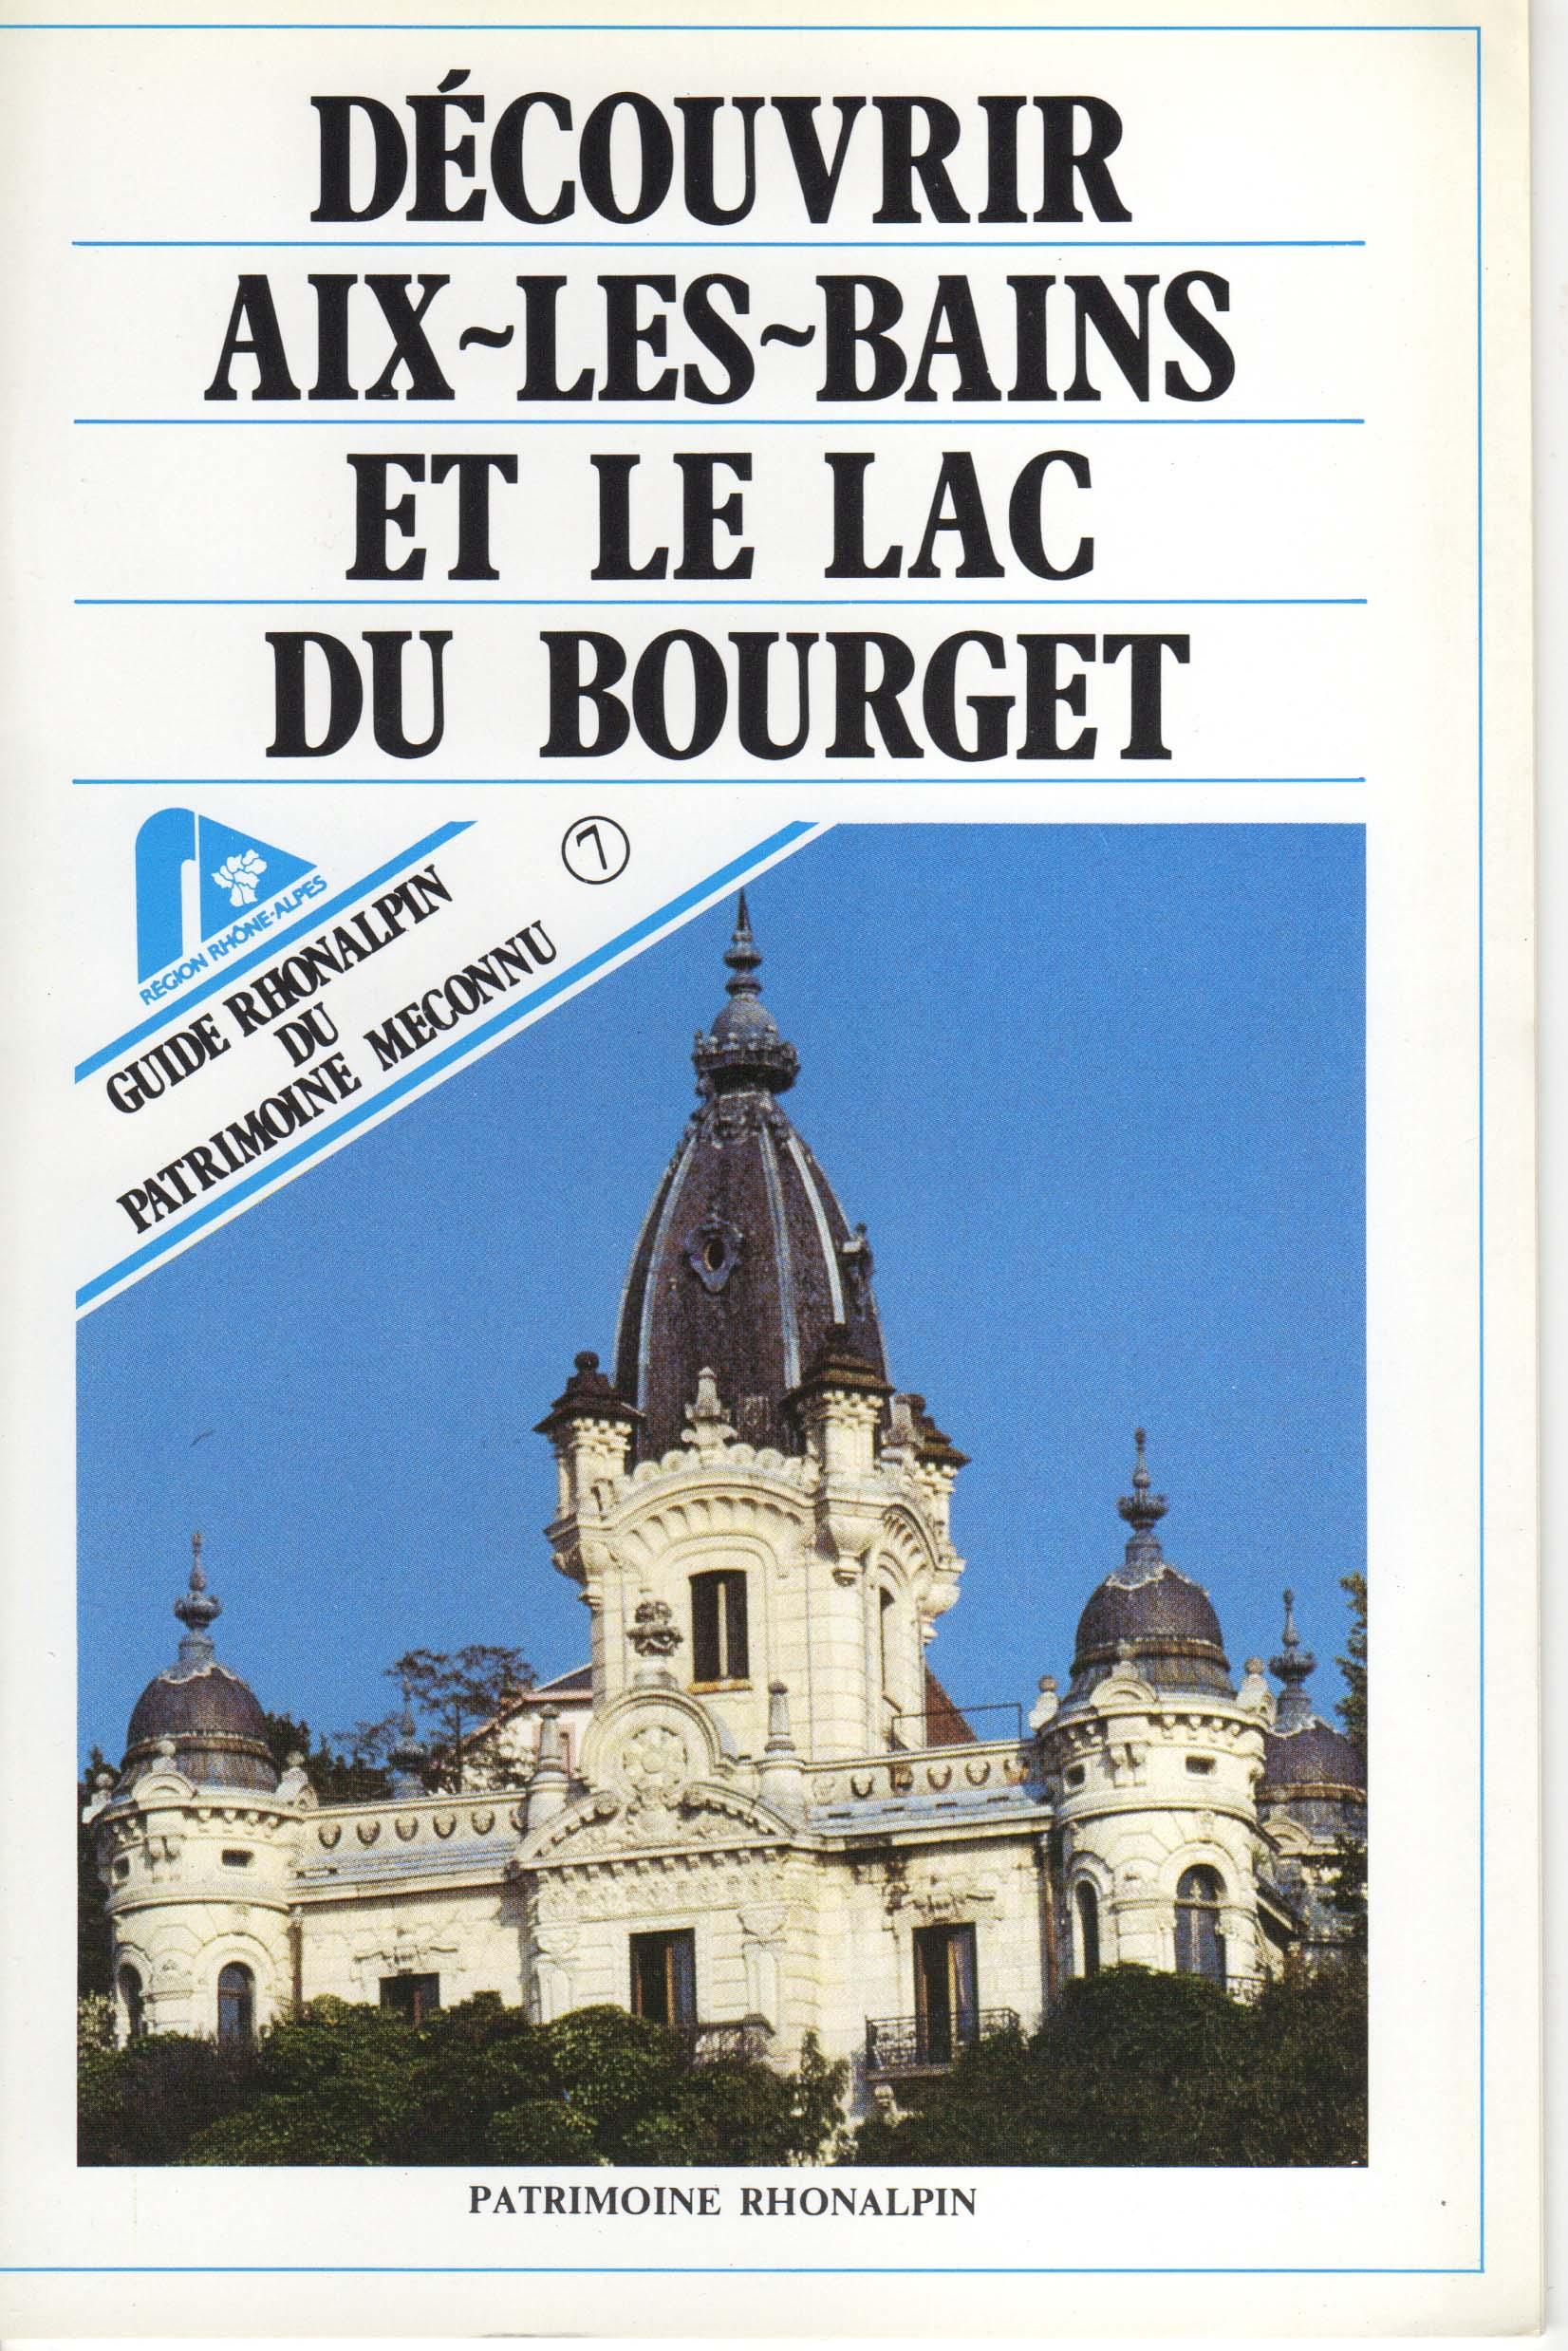 Guide n°7 – Découvrir Aix-les-Bains et le lac du Bourget